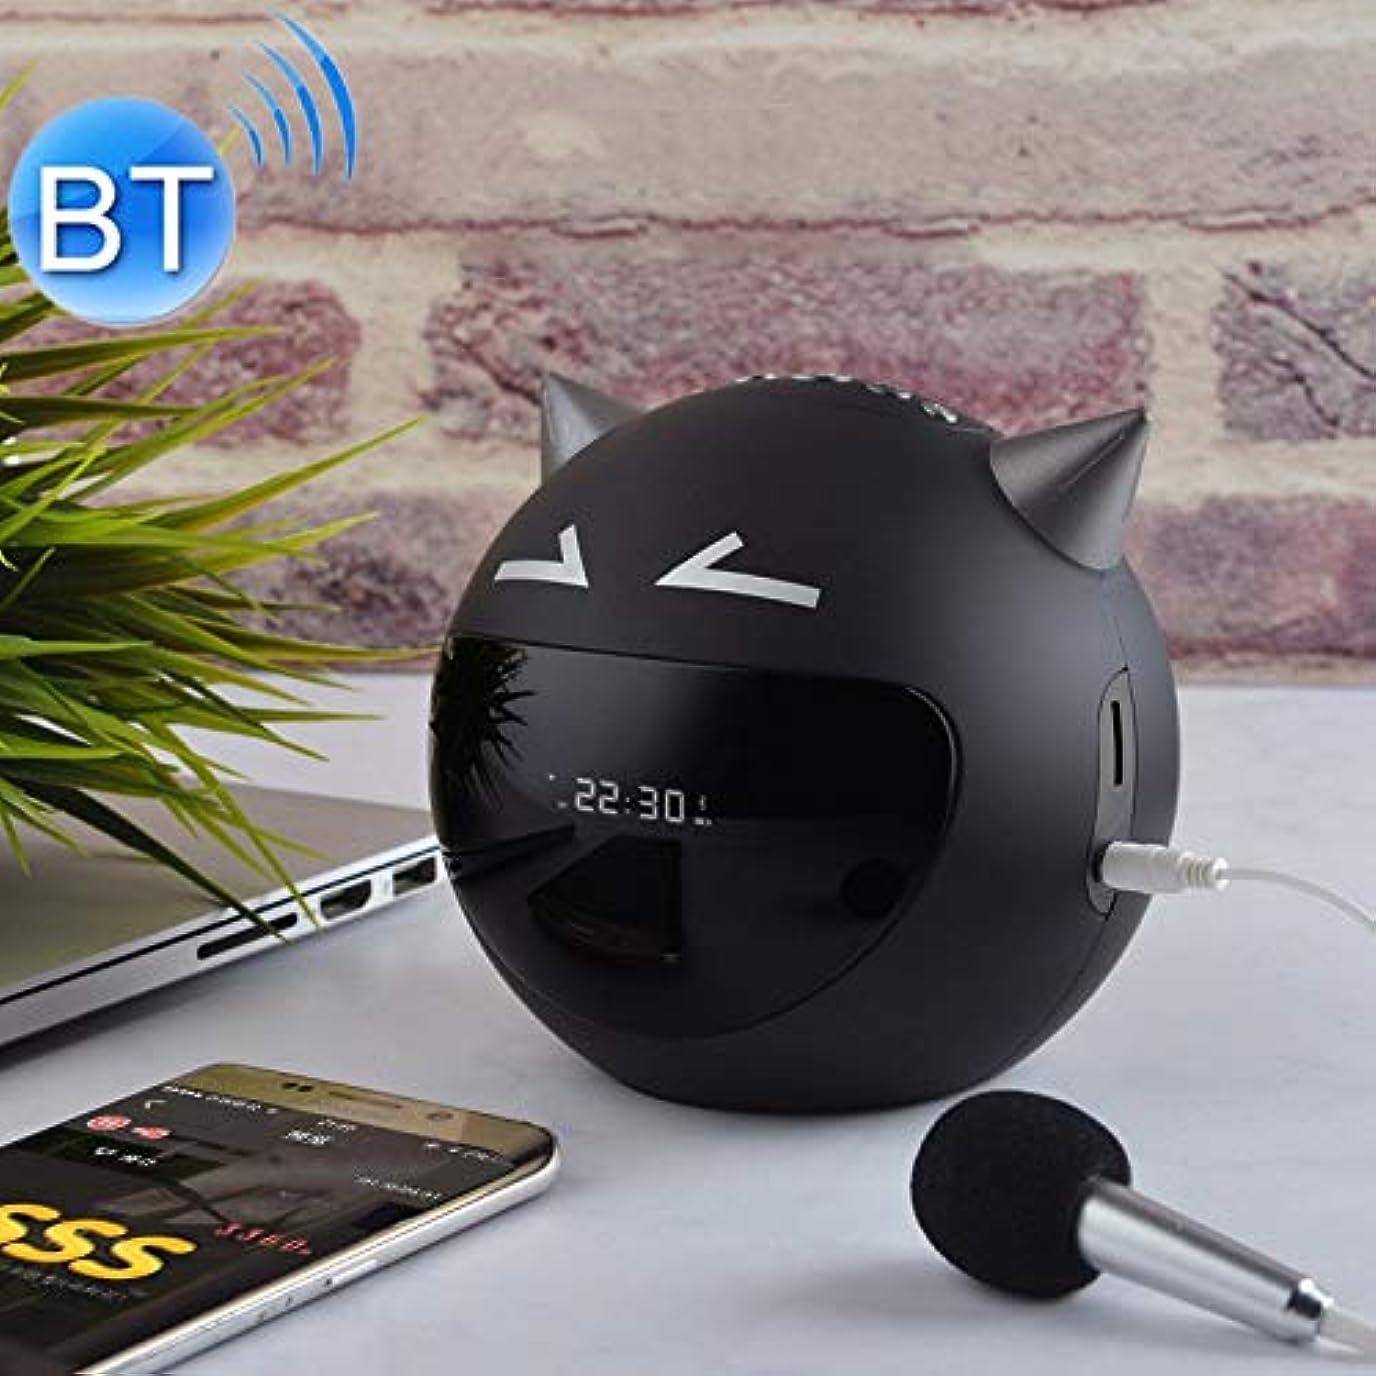 レッスン対抗暴露するBluetoothワイヤレススピーカー M8多機能悪魔スタイルのBluetoothスピーカー Bluetoothワイヤレススピーカー (色 : Black)